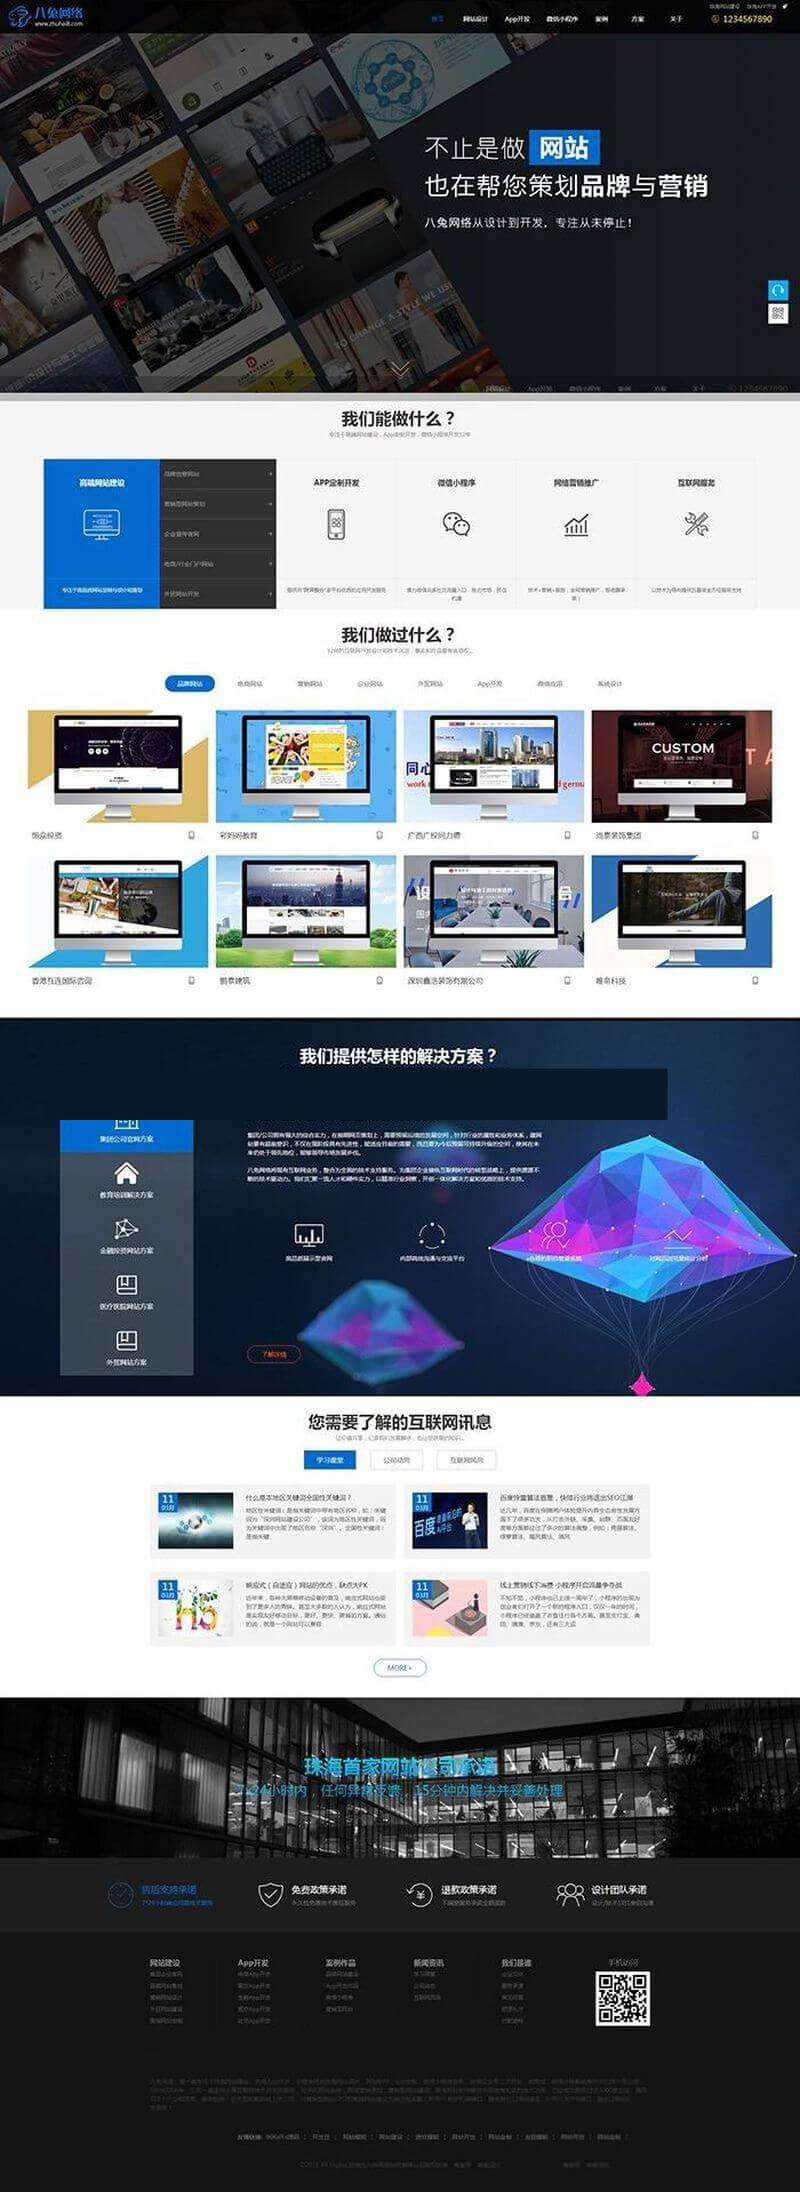 帝国cms 7.5大气高科技感网站建设企业模板 自适应建站公司网站源码 (https://www.8uc8.com/) 模板下载 第1张